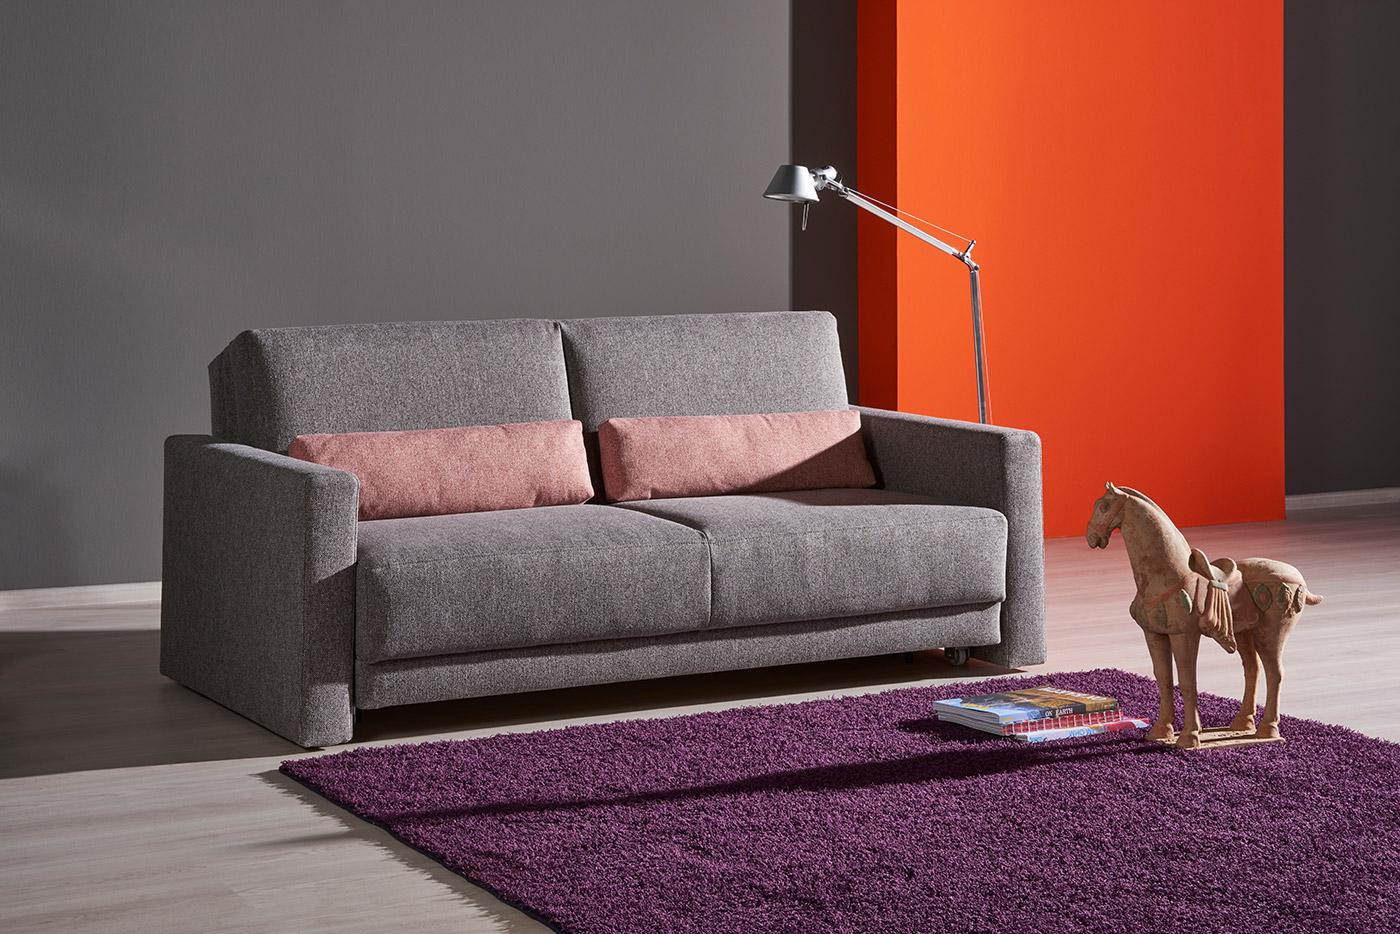 ellundell_Objekt-und-Hotellerie_Produkte-Robina